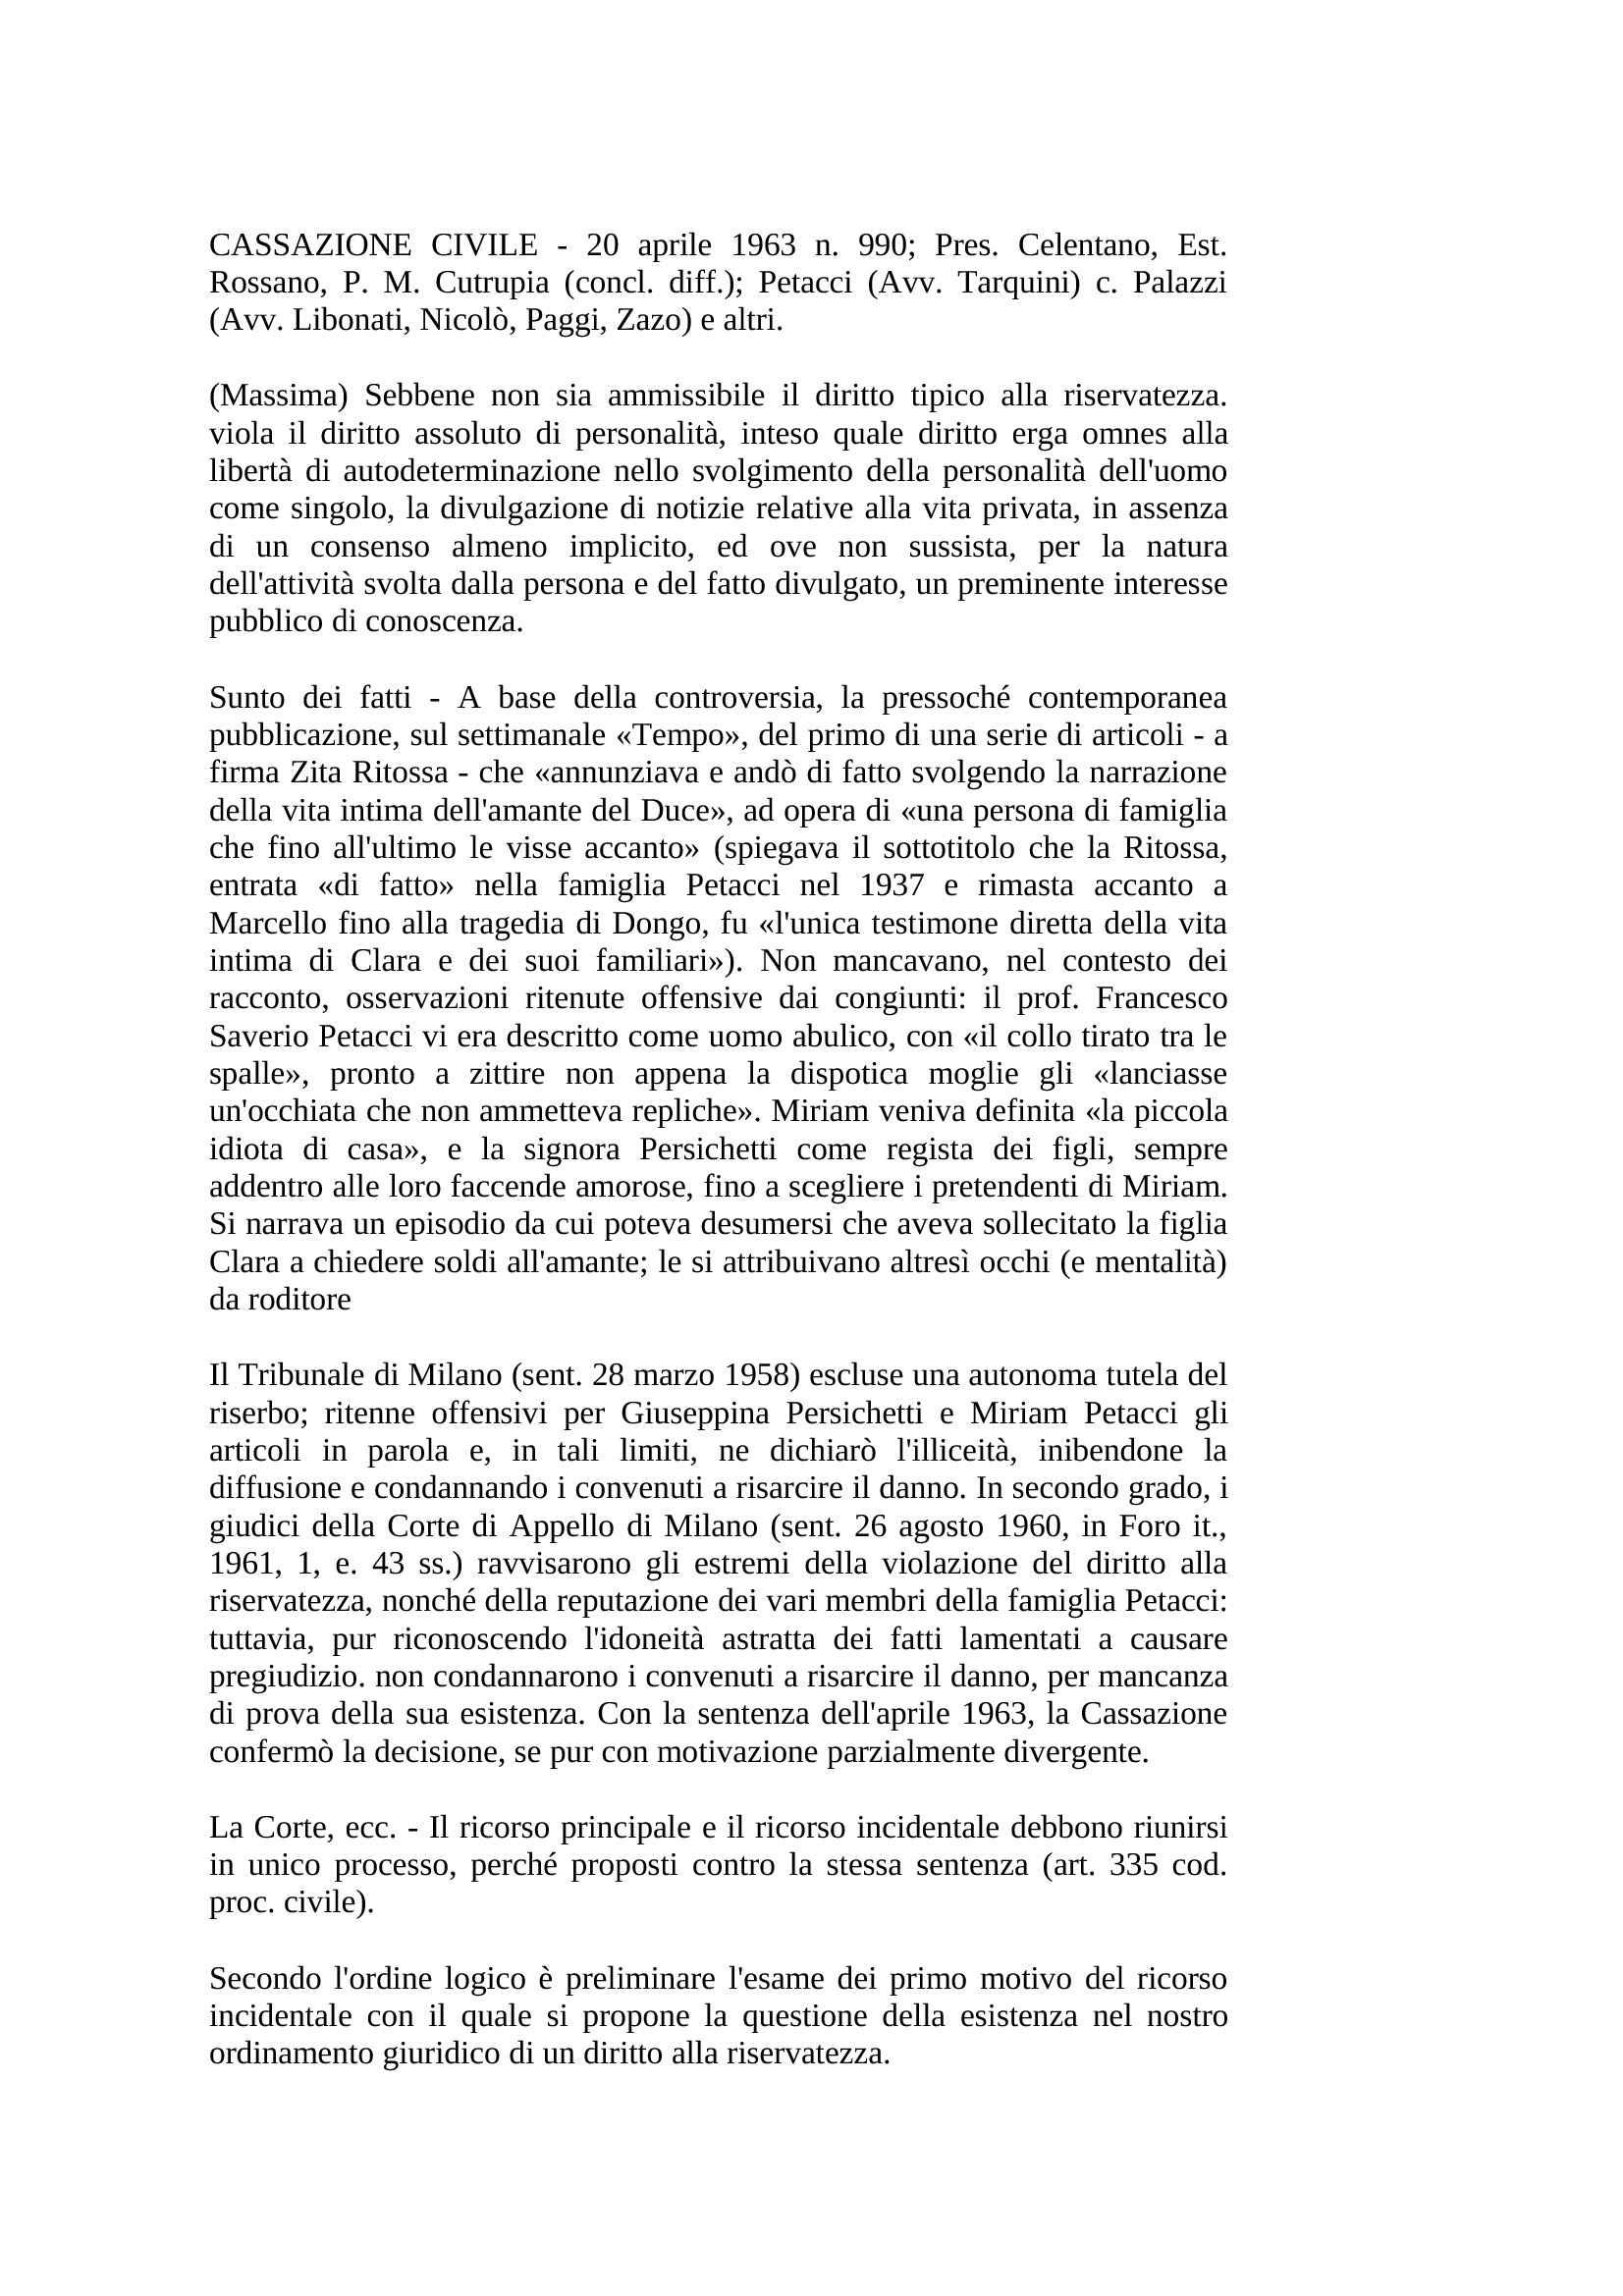 Diritto alla riservatezza - Cass. Civ. n. 990/63